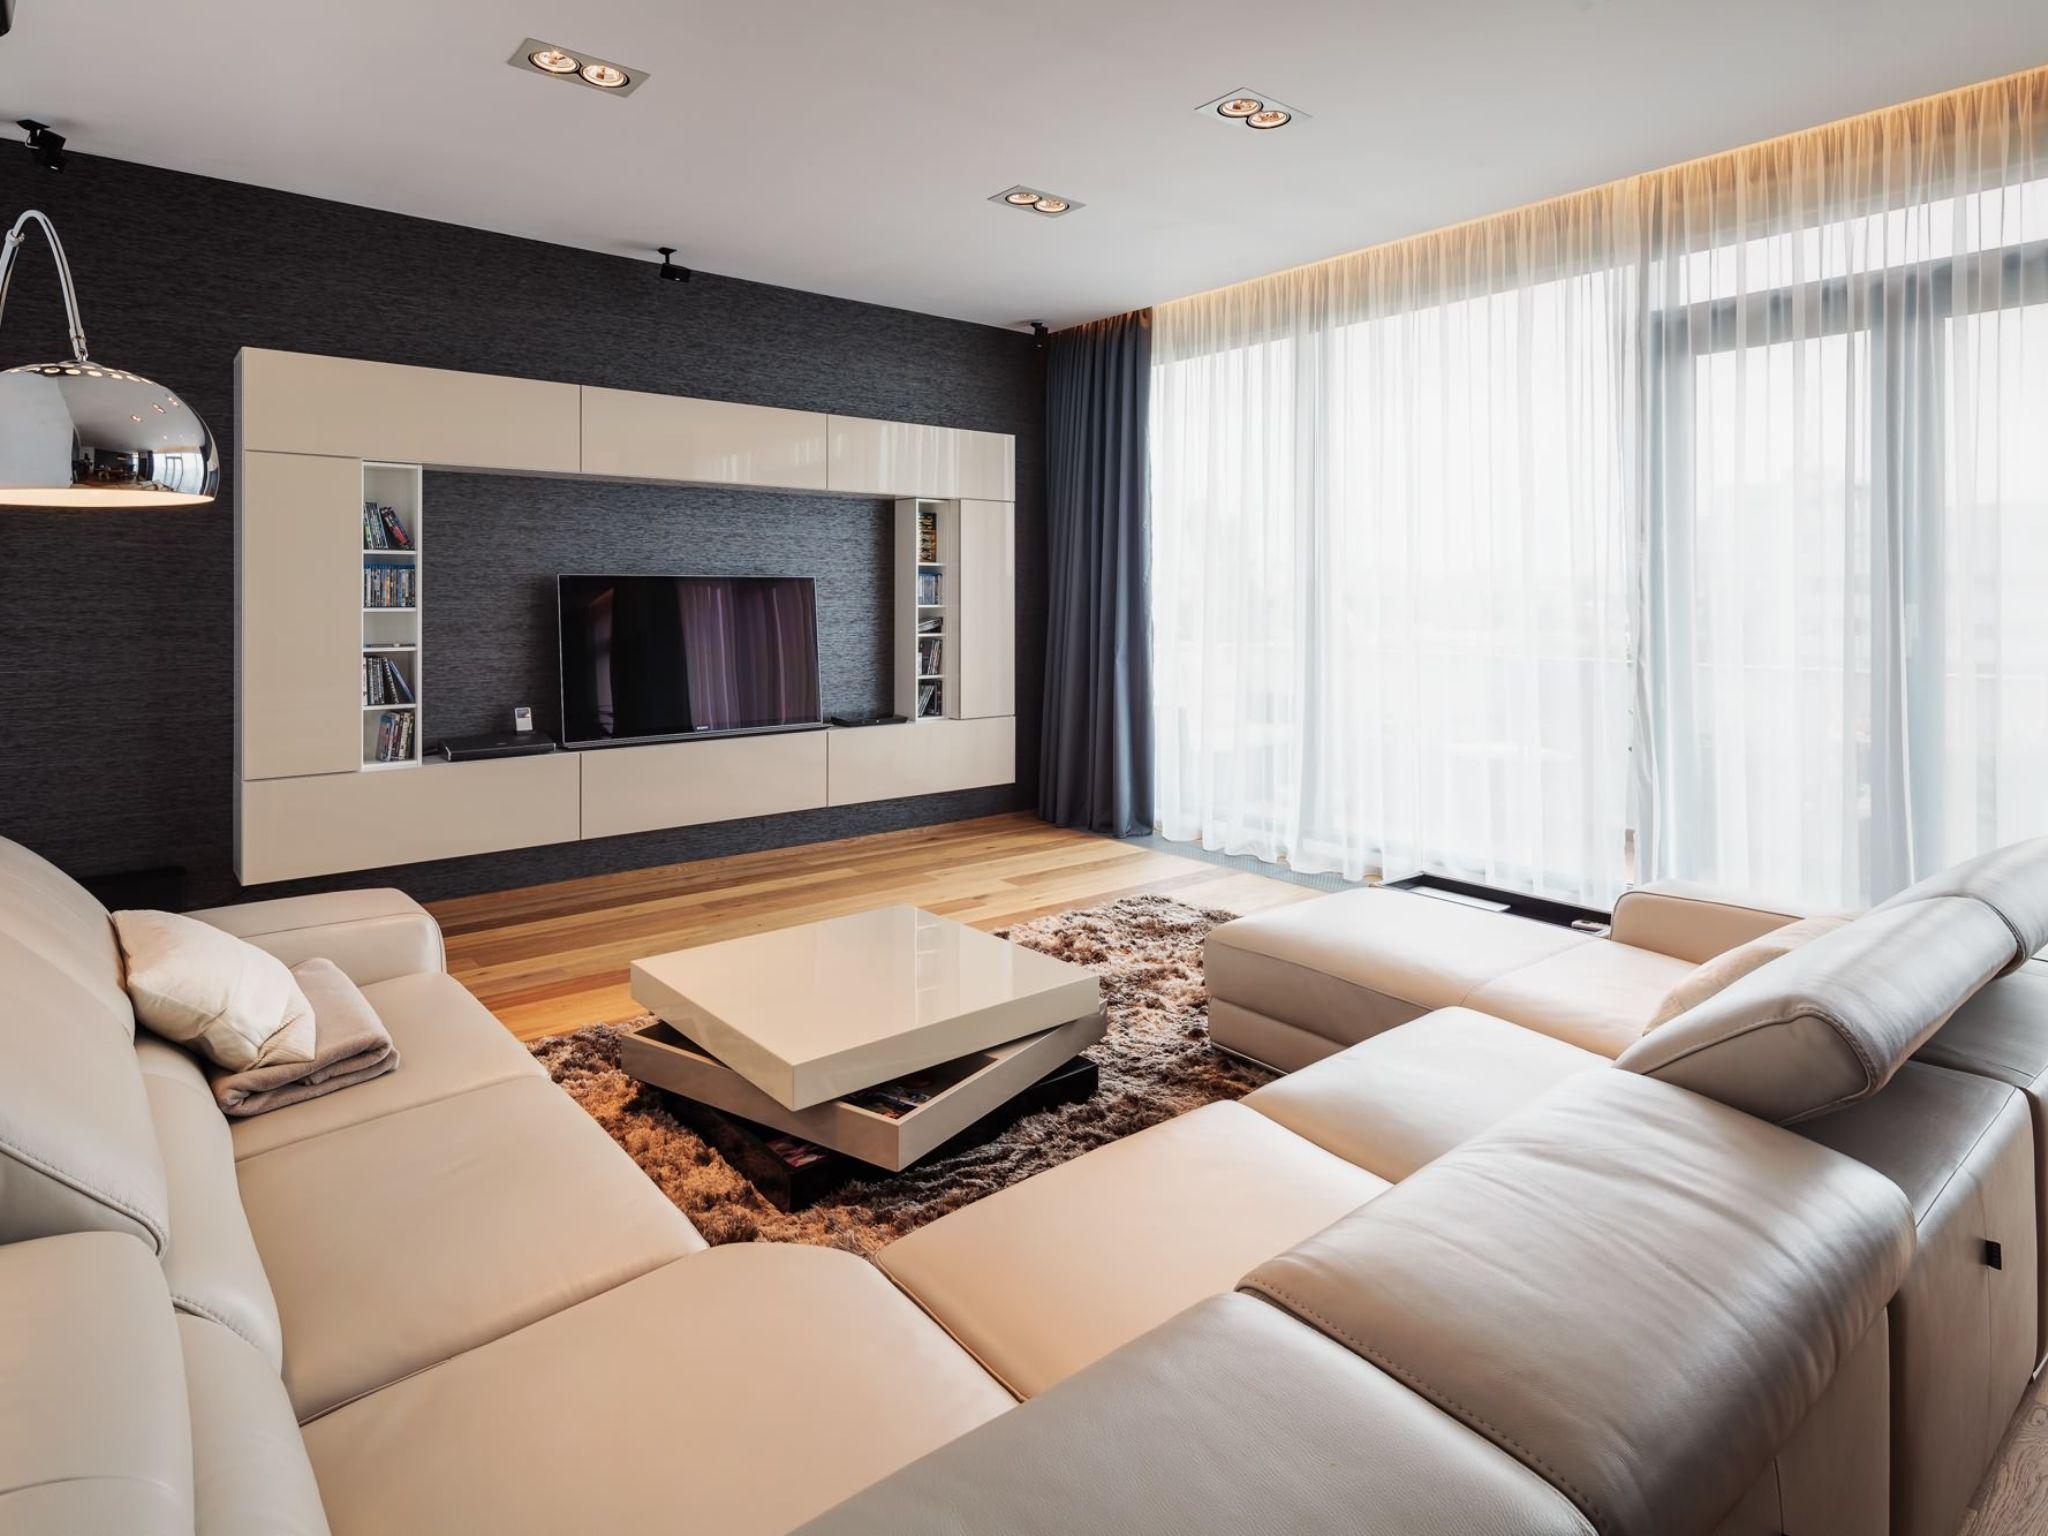 Мебель в зал, какие бывают варианты и сочетания, современные идеи